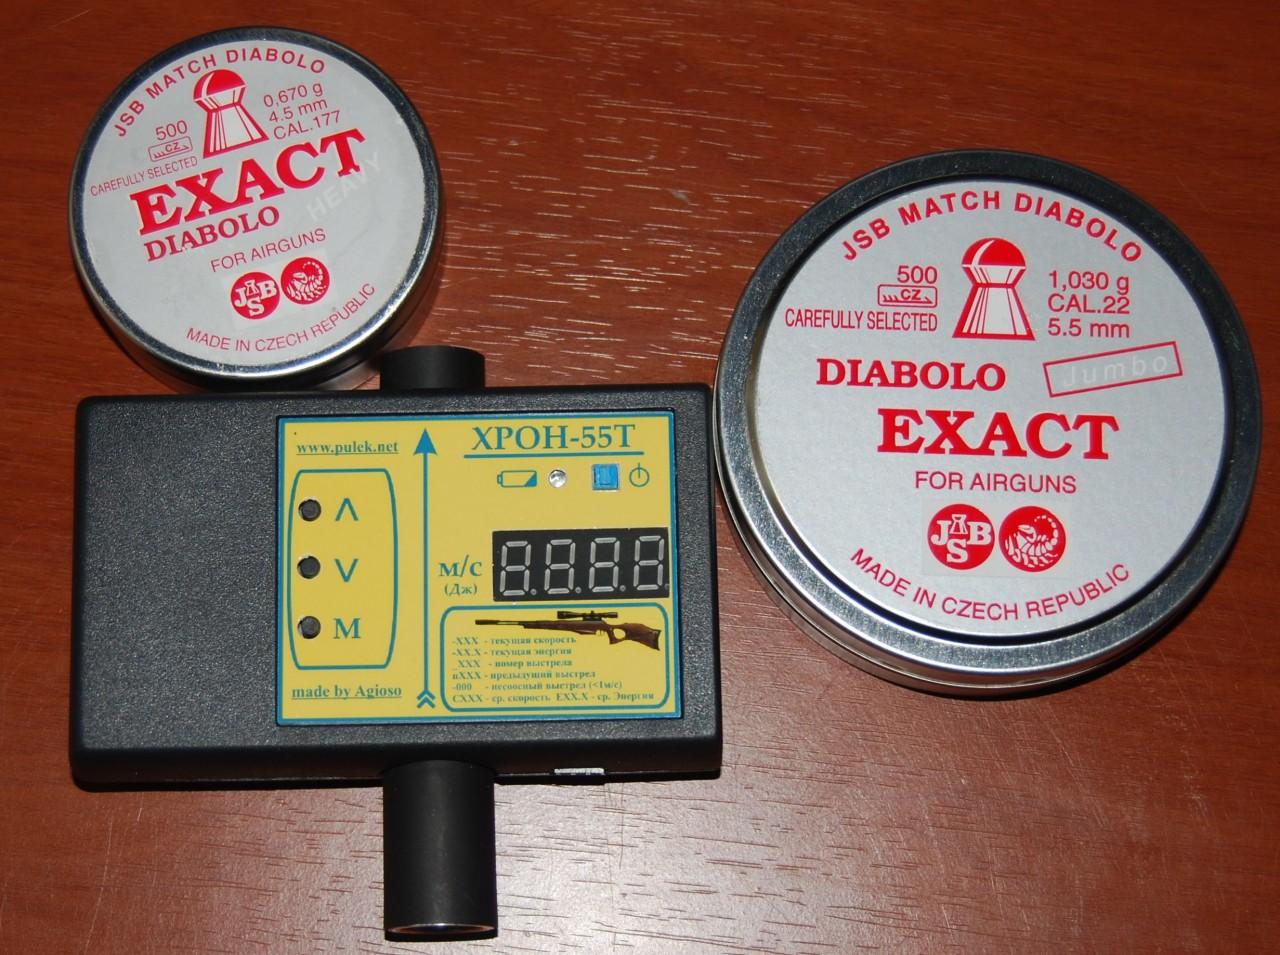 DSC 0799 1280x955 Хронограф Хрон 55Т